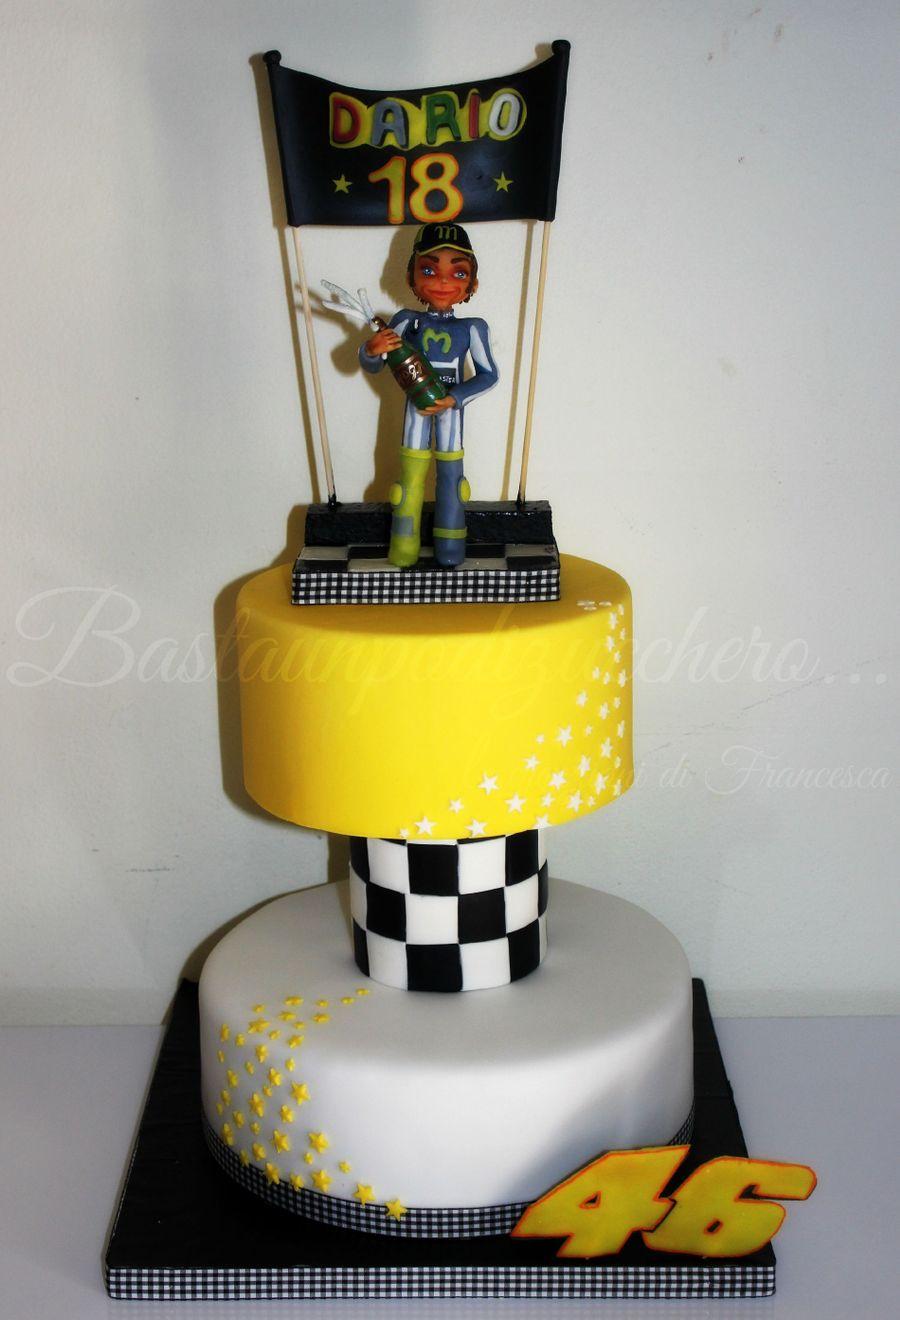 Valentino Rossi Cake Topper